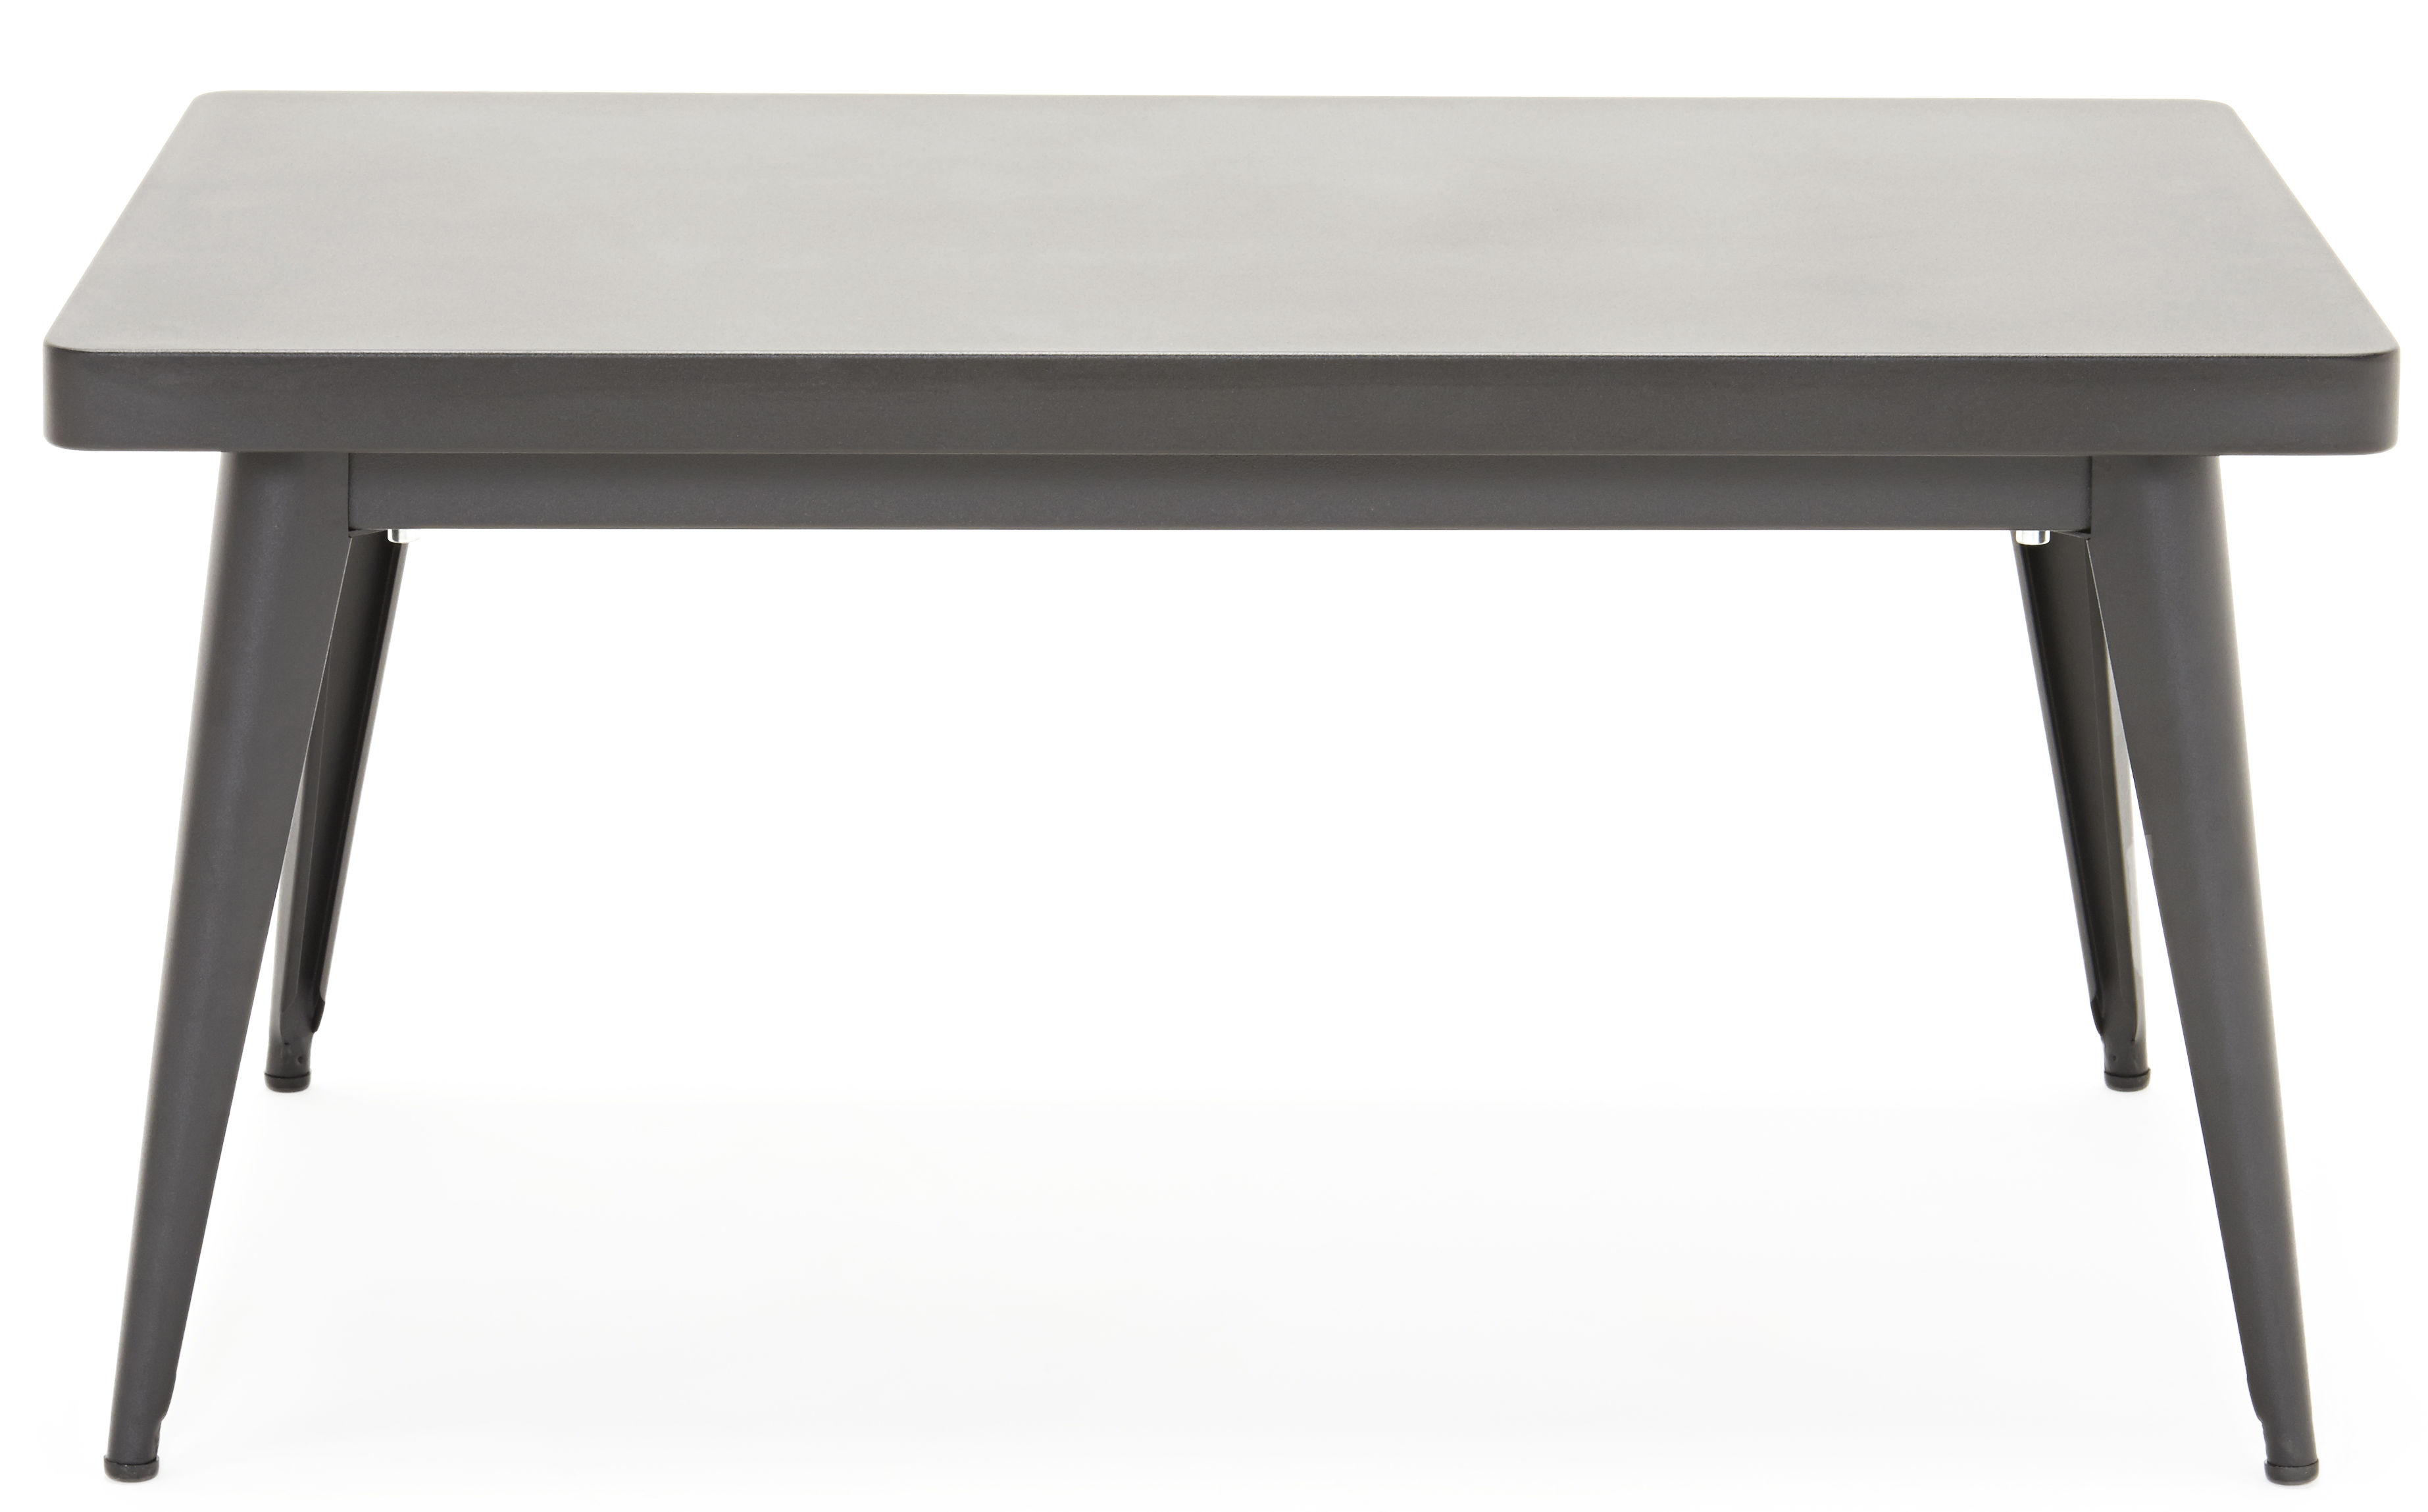 Möbel - Couchtische - 55 Couchtisch / 90 x 55 cm - Tolix - Schwarz - lackierter Stahl